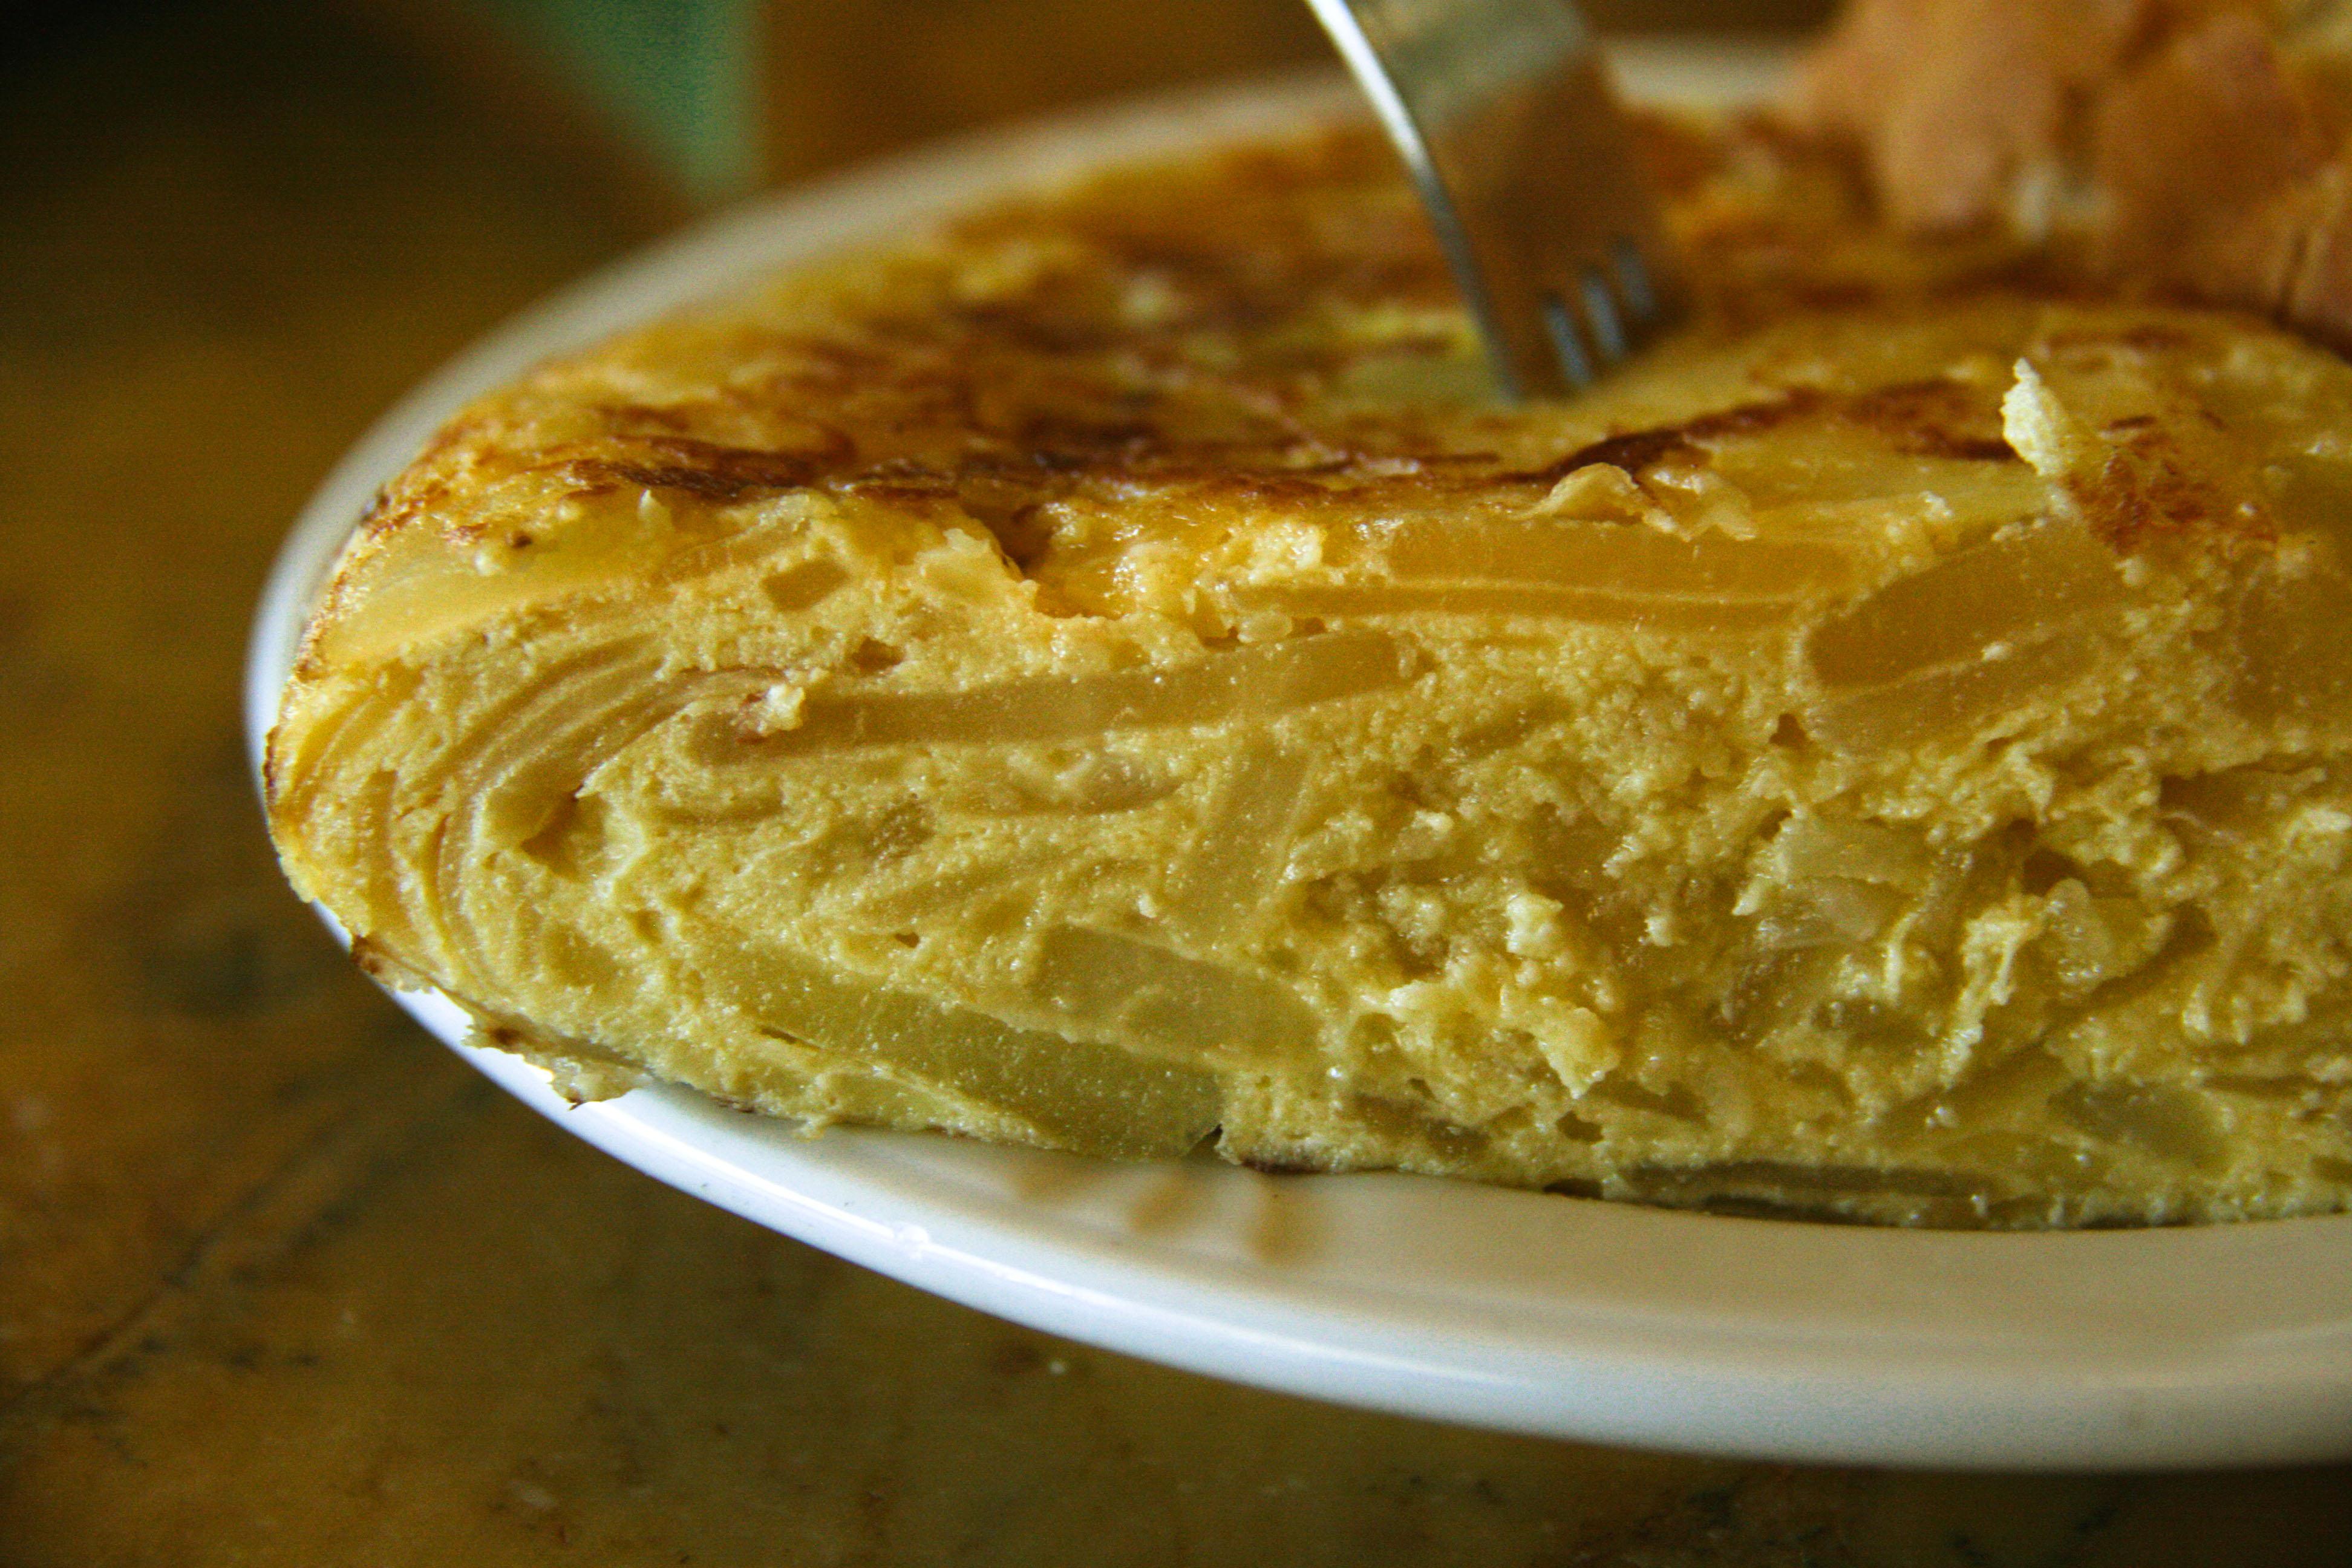 El 8 de febrero celebraremos el Día de la tortilla